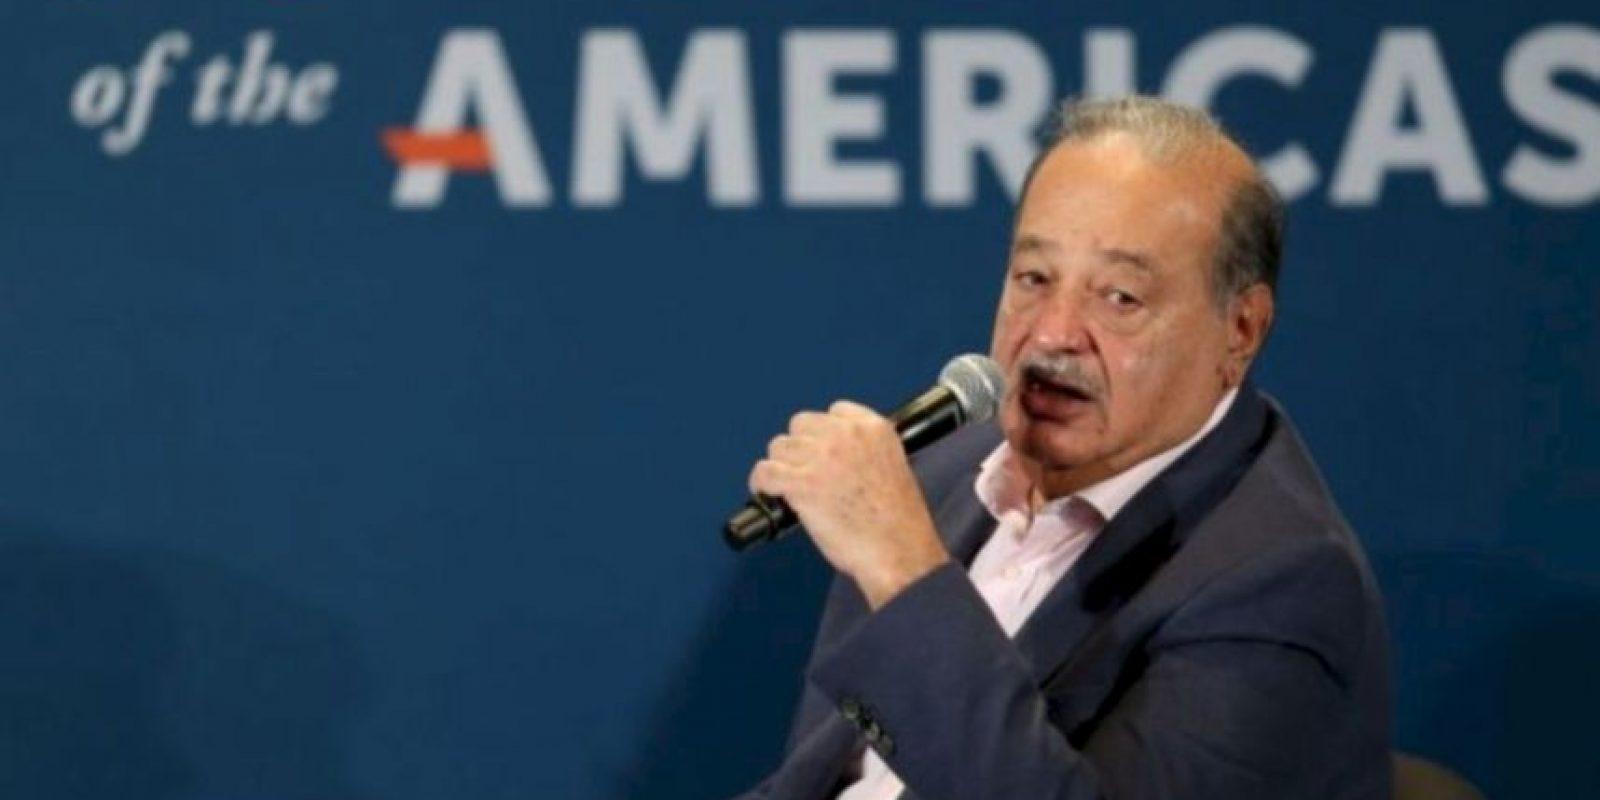 2. Carlos Slim Helú, de 75 años, es un empresario mexicano de telecomunicaciones Foto:Getty Images